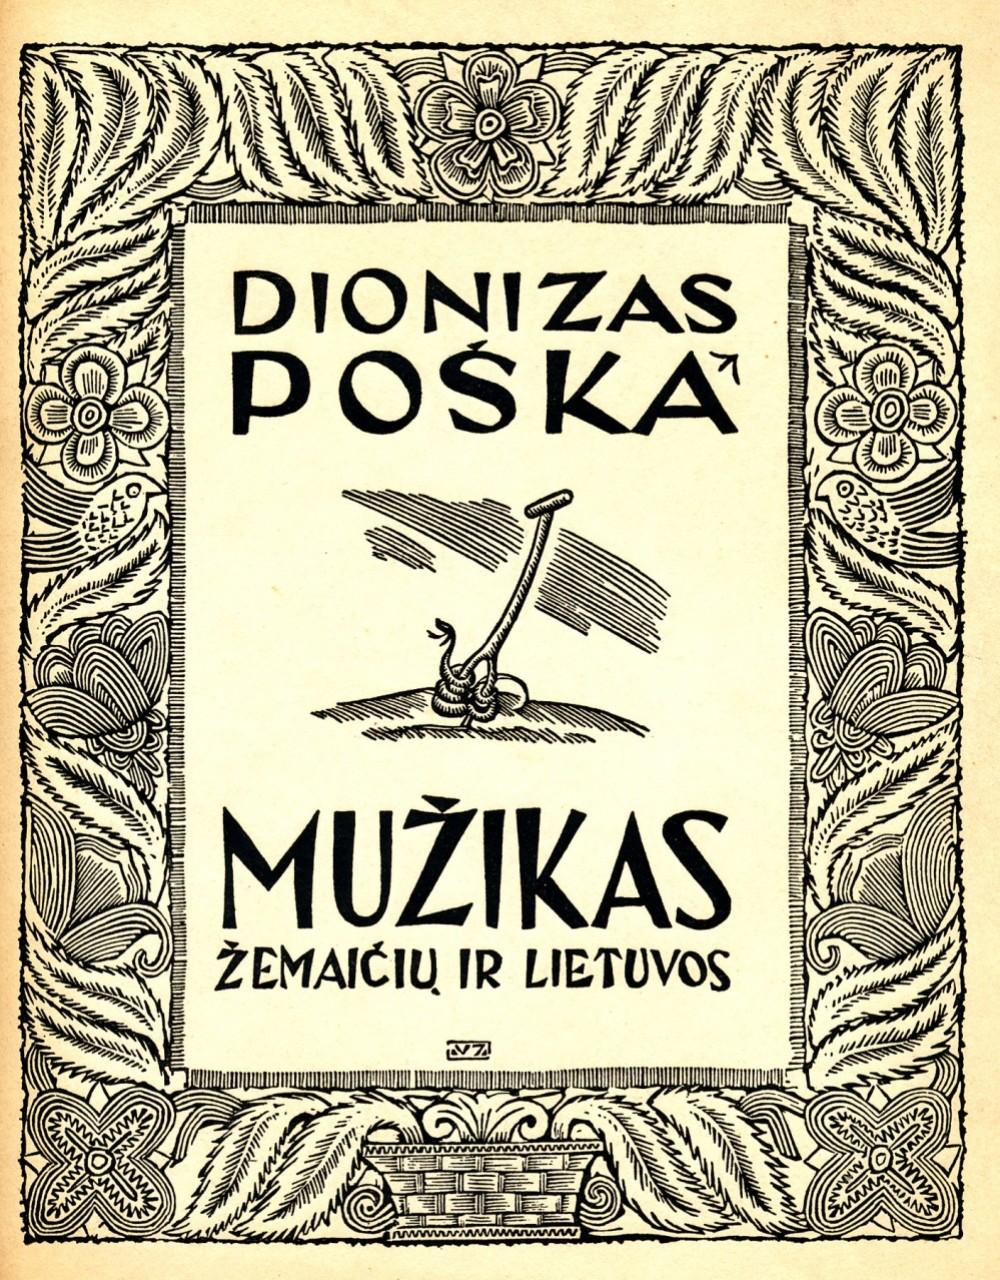 Knygą iliustravo dail. Vytautas Jurkūnas. Valstybinė grožinės literatūros leidykla. Vilnius. 1950 m.